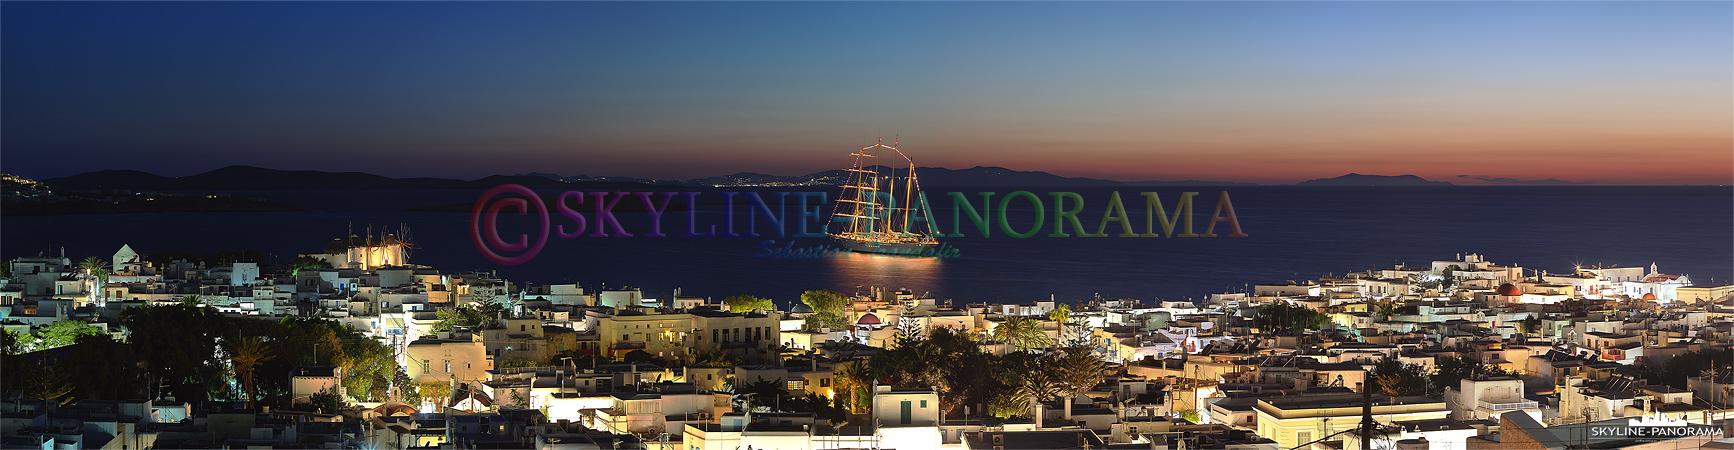 Für viele Urlauber ist Mykonos das beliebteste Reiseziel der ägäischen Inseln. Die malerische Chora von Mykonos Stadt, mit den schneeweißen, im Kykladenstil...